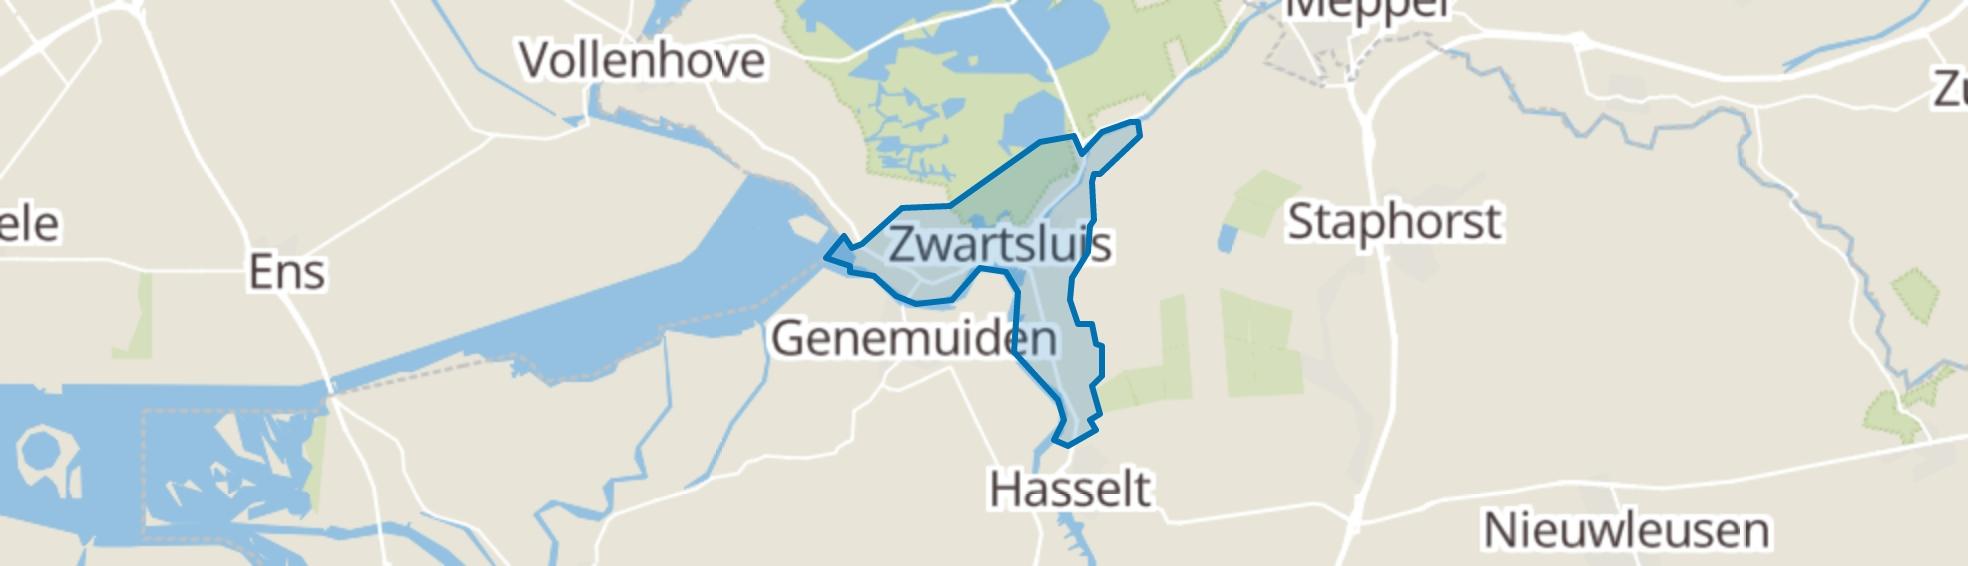 Zwartsluis map